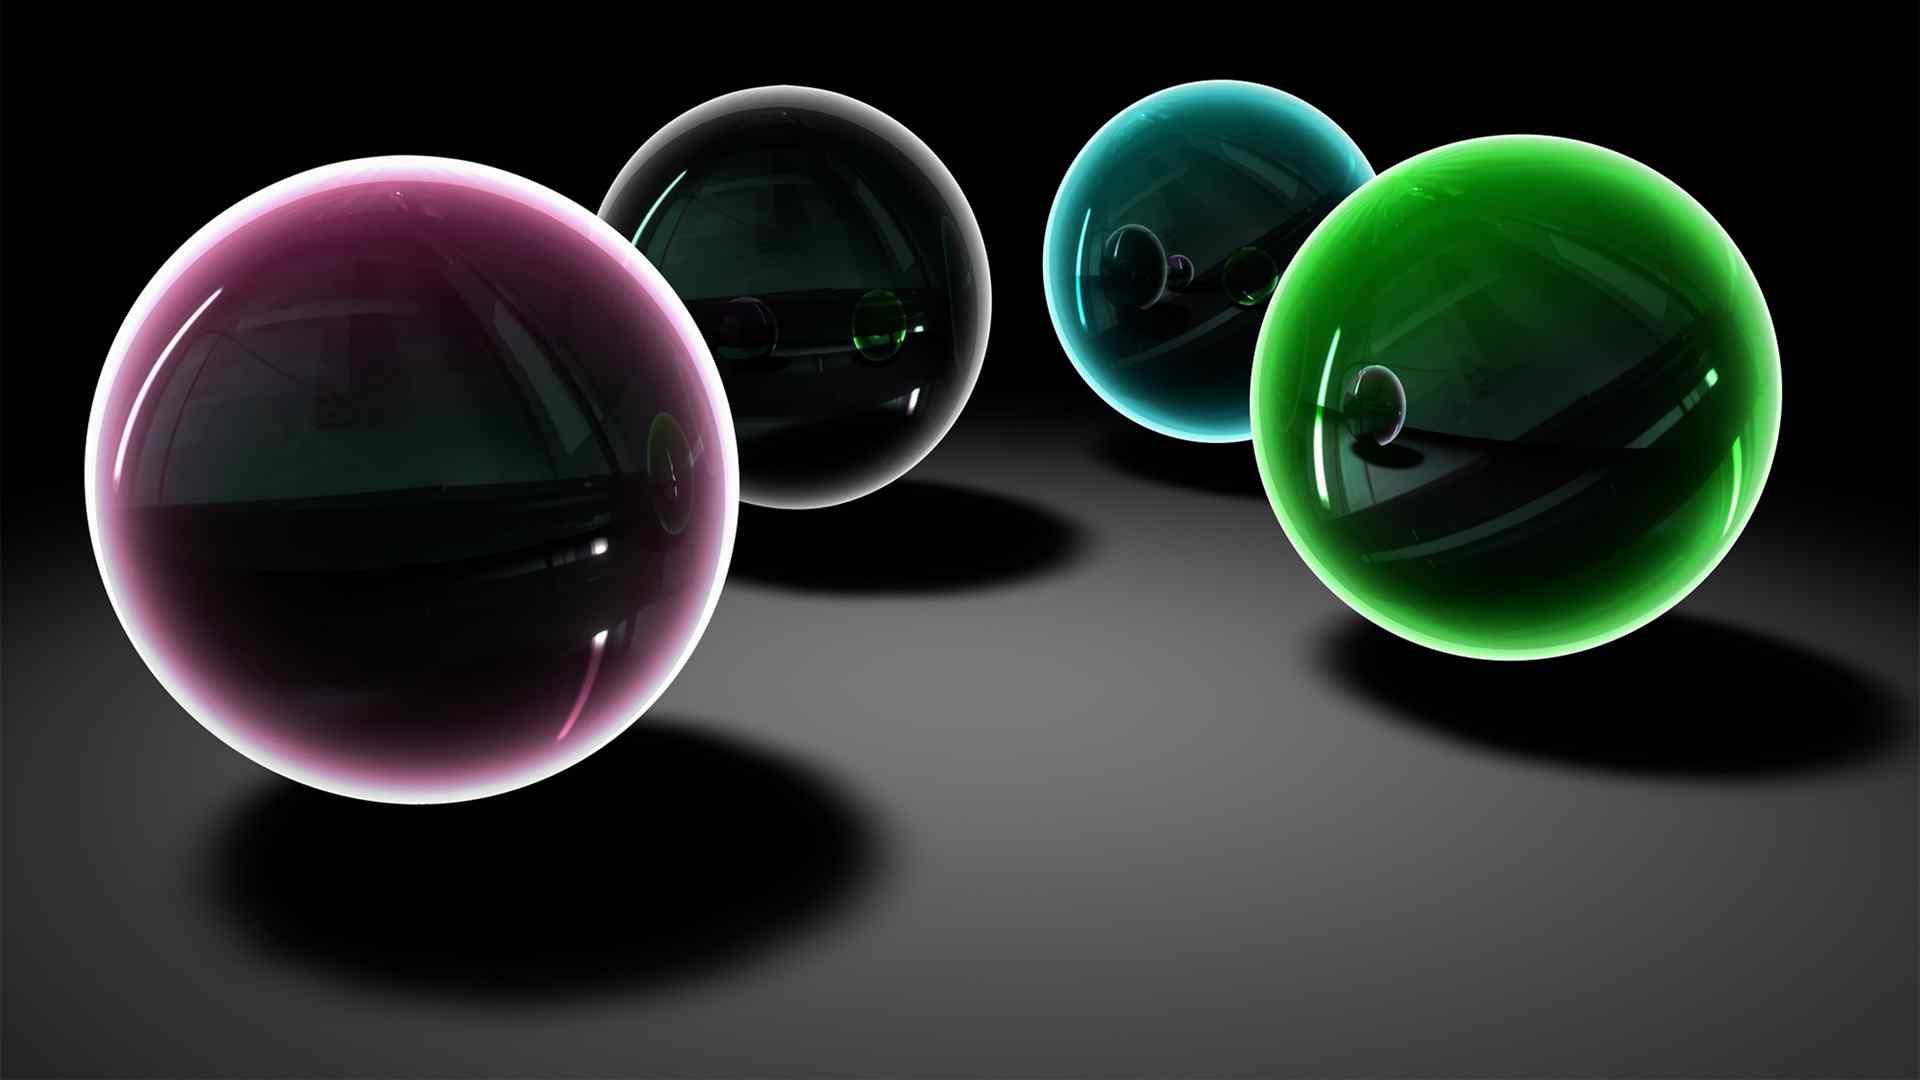 魔幻色彩动感球体